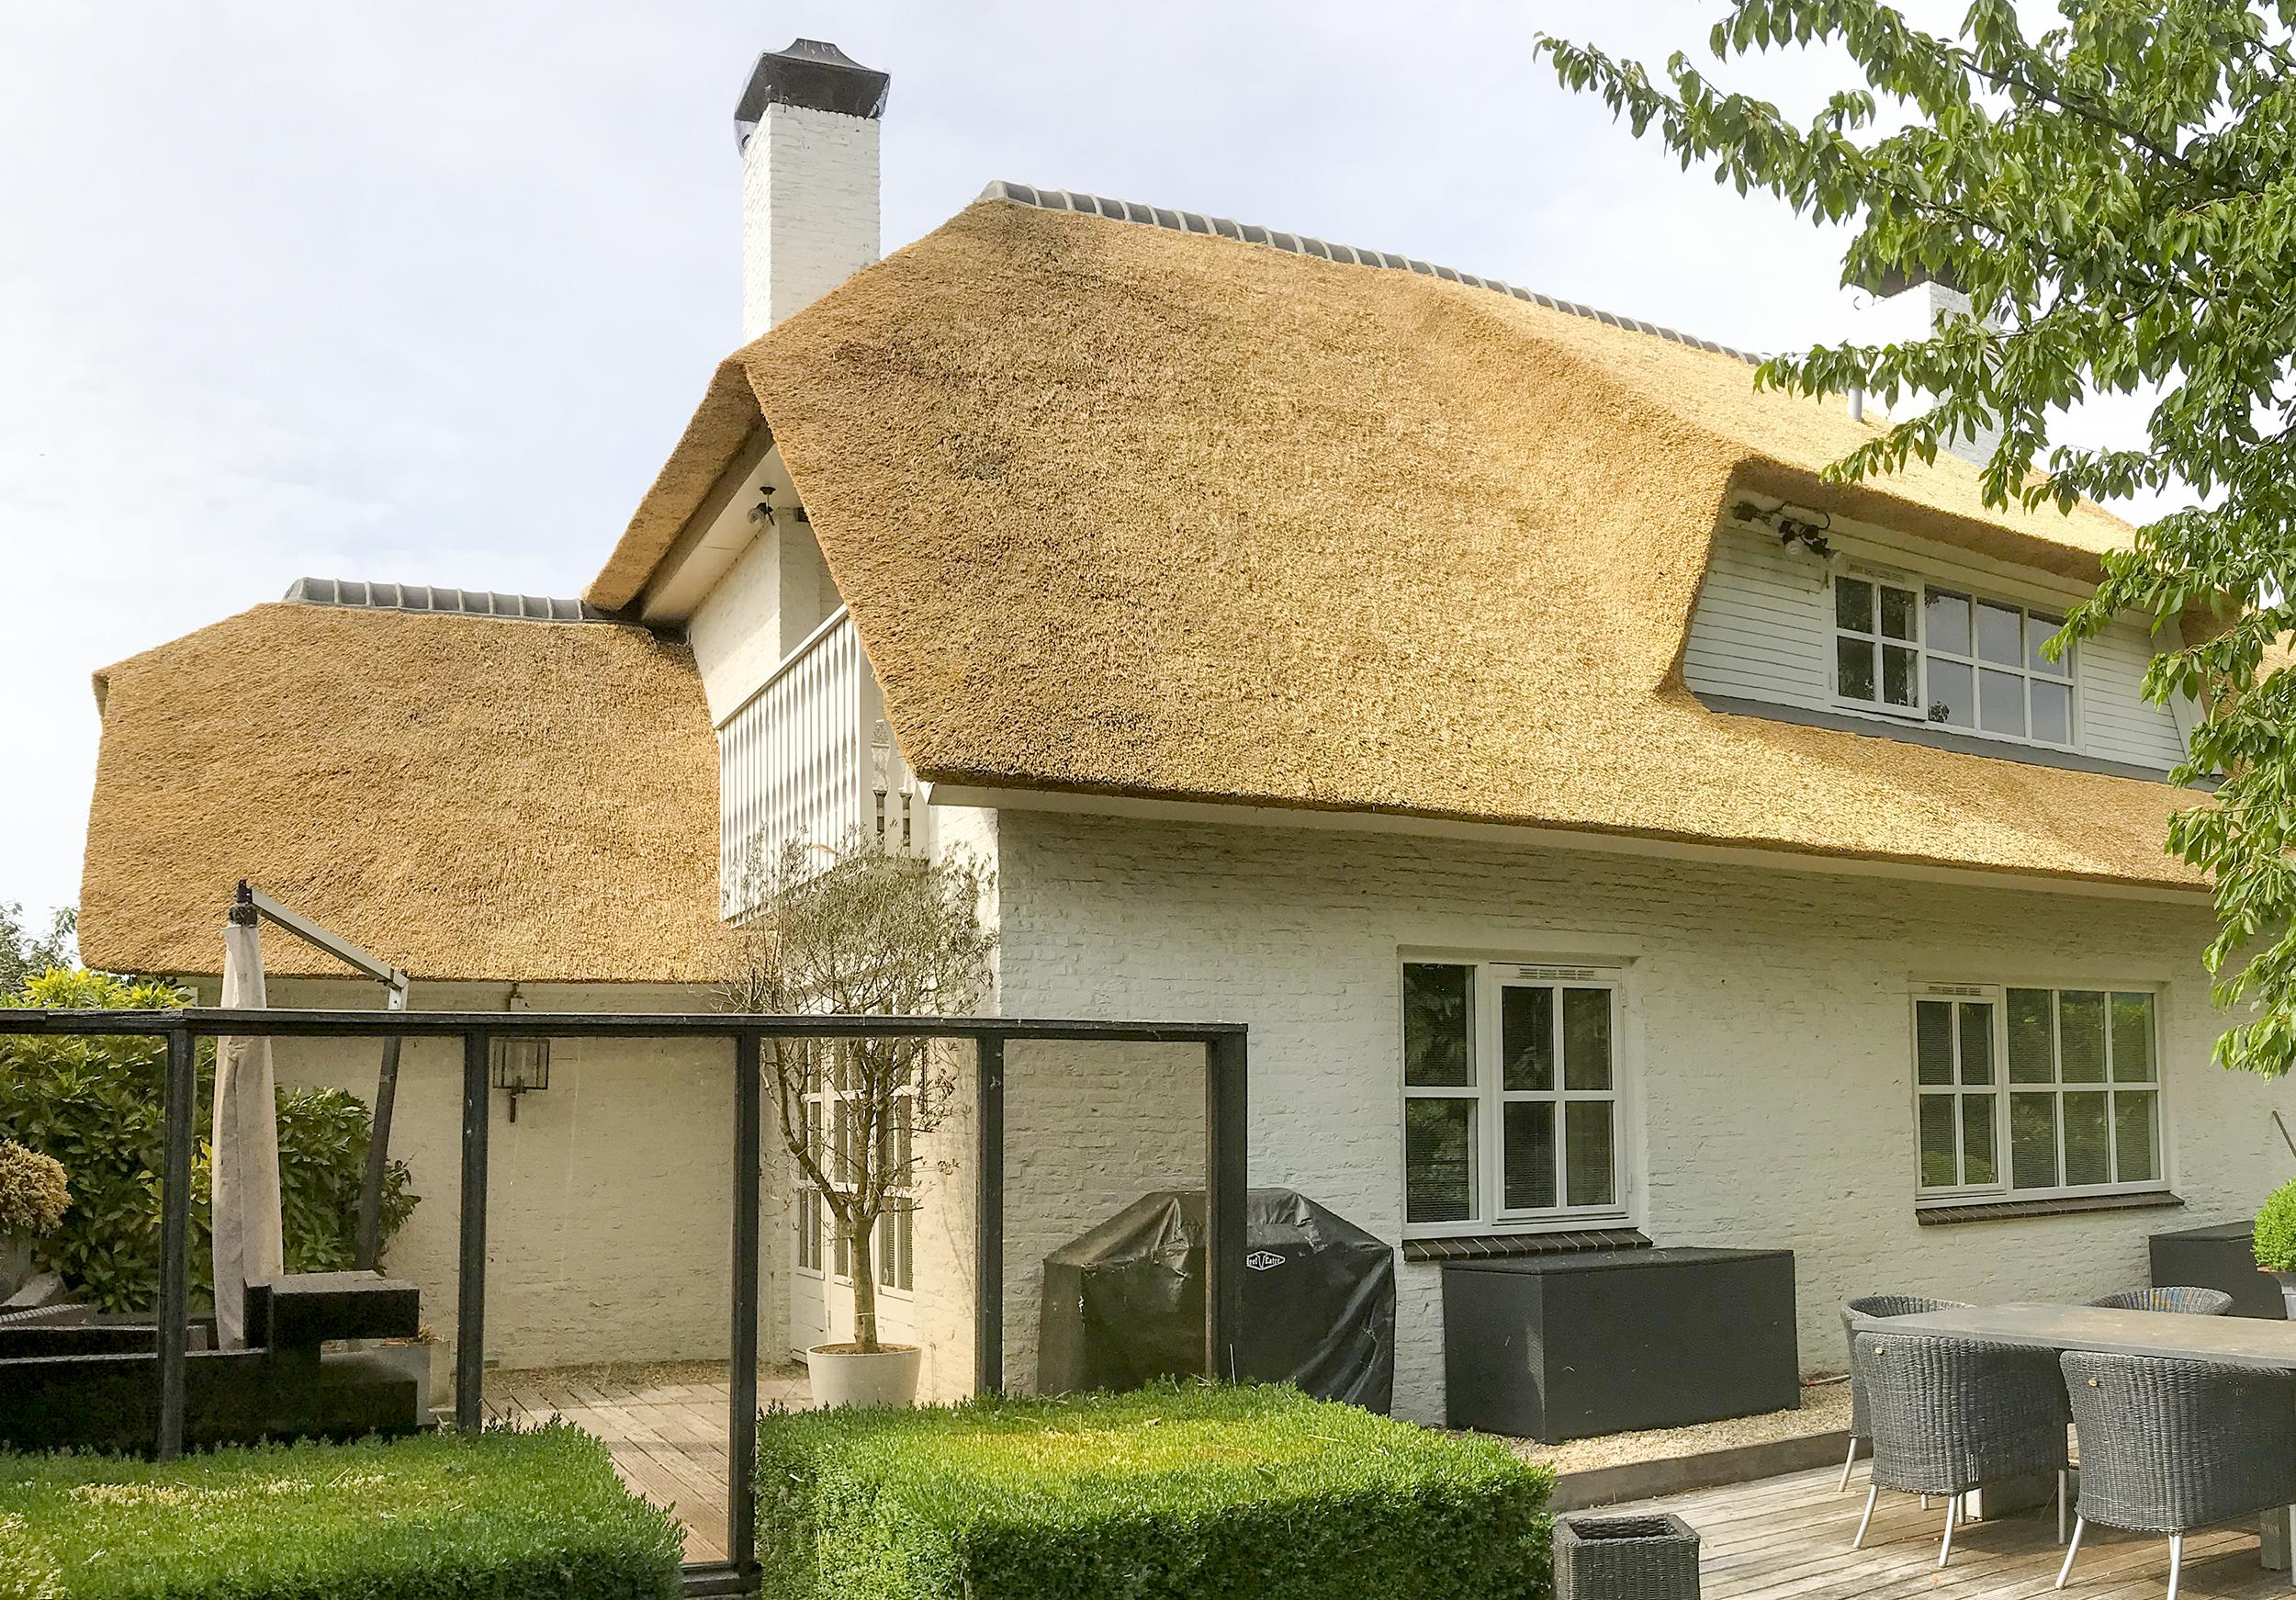 Rietdekkers-VOOGT-Delft-rietendak-Sassenheim-2500-01.jpg